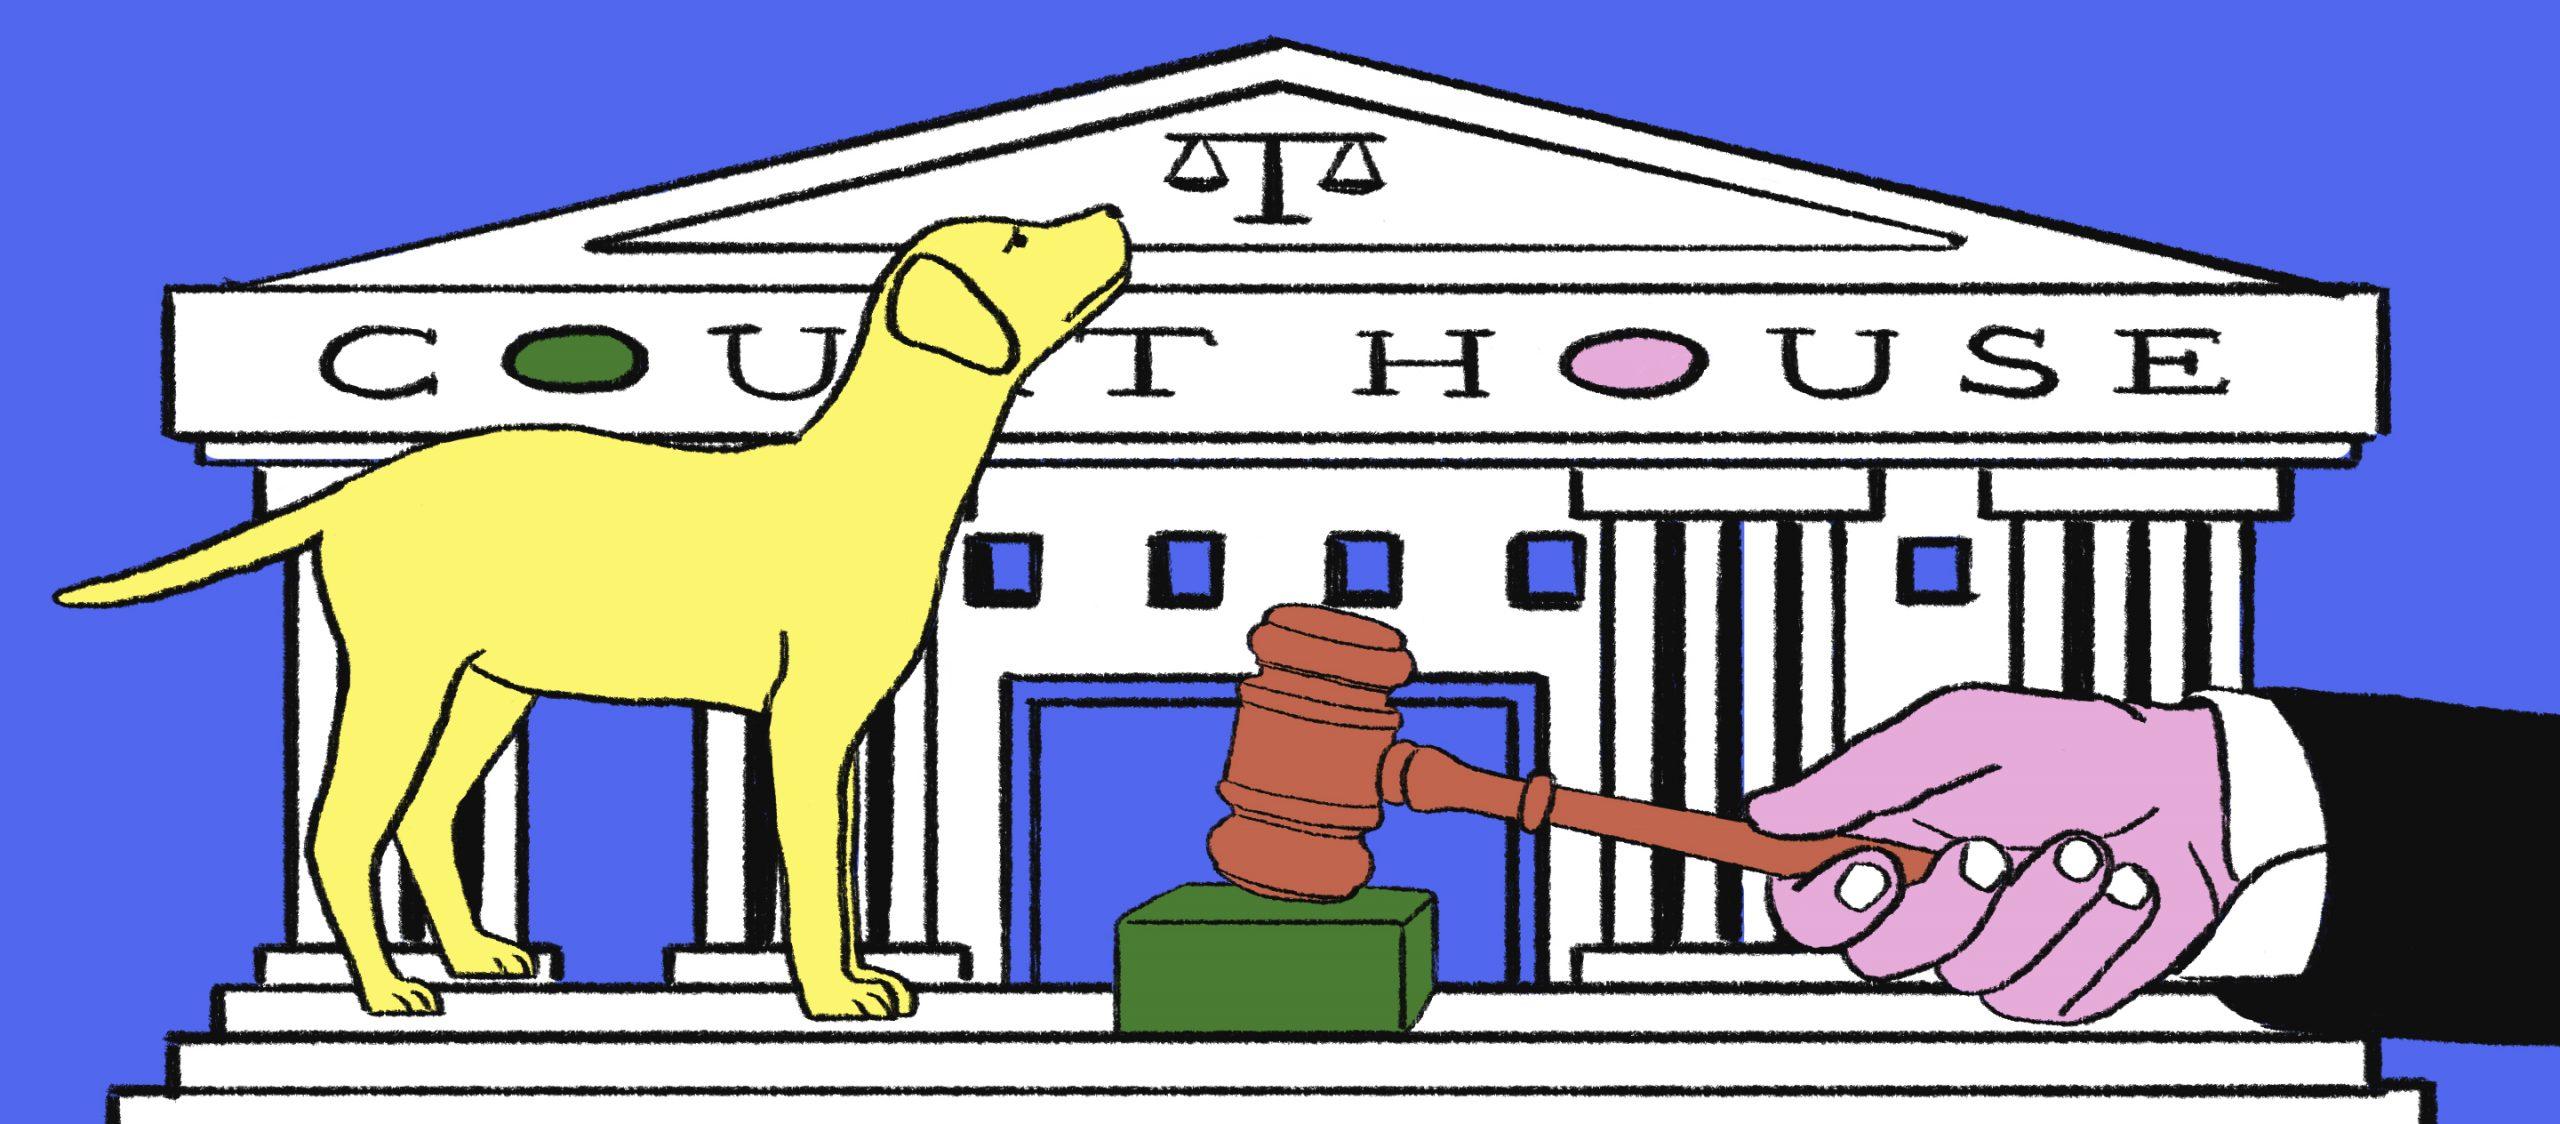 สัตว์ต้องขึ้นศาลไหม เมื่อระบบยุติธรรมในอดีตเคยจัดการศีลธรรมแบบข้ามขอบเขตสายพันธุ์